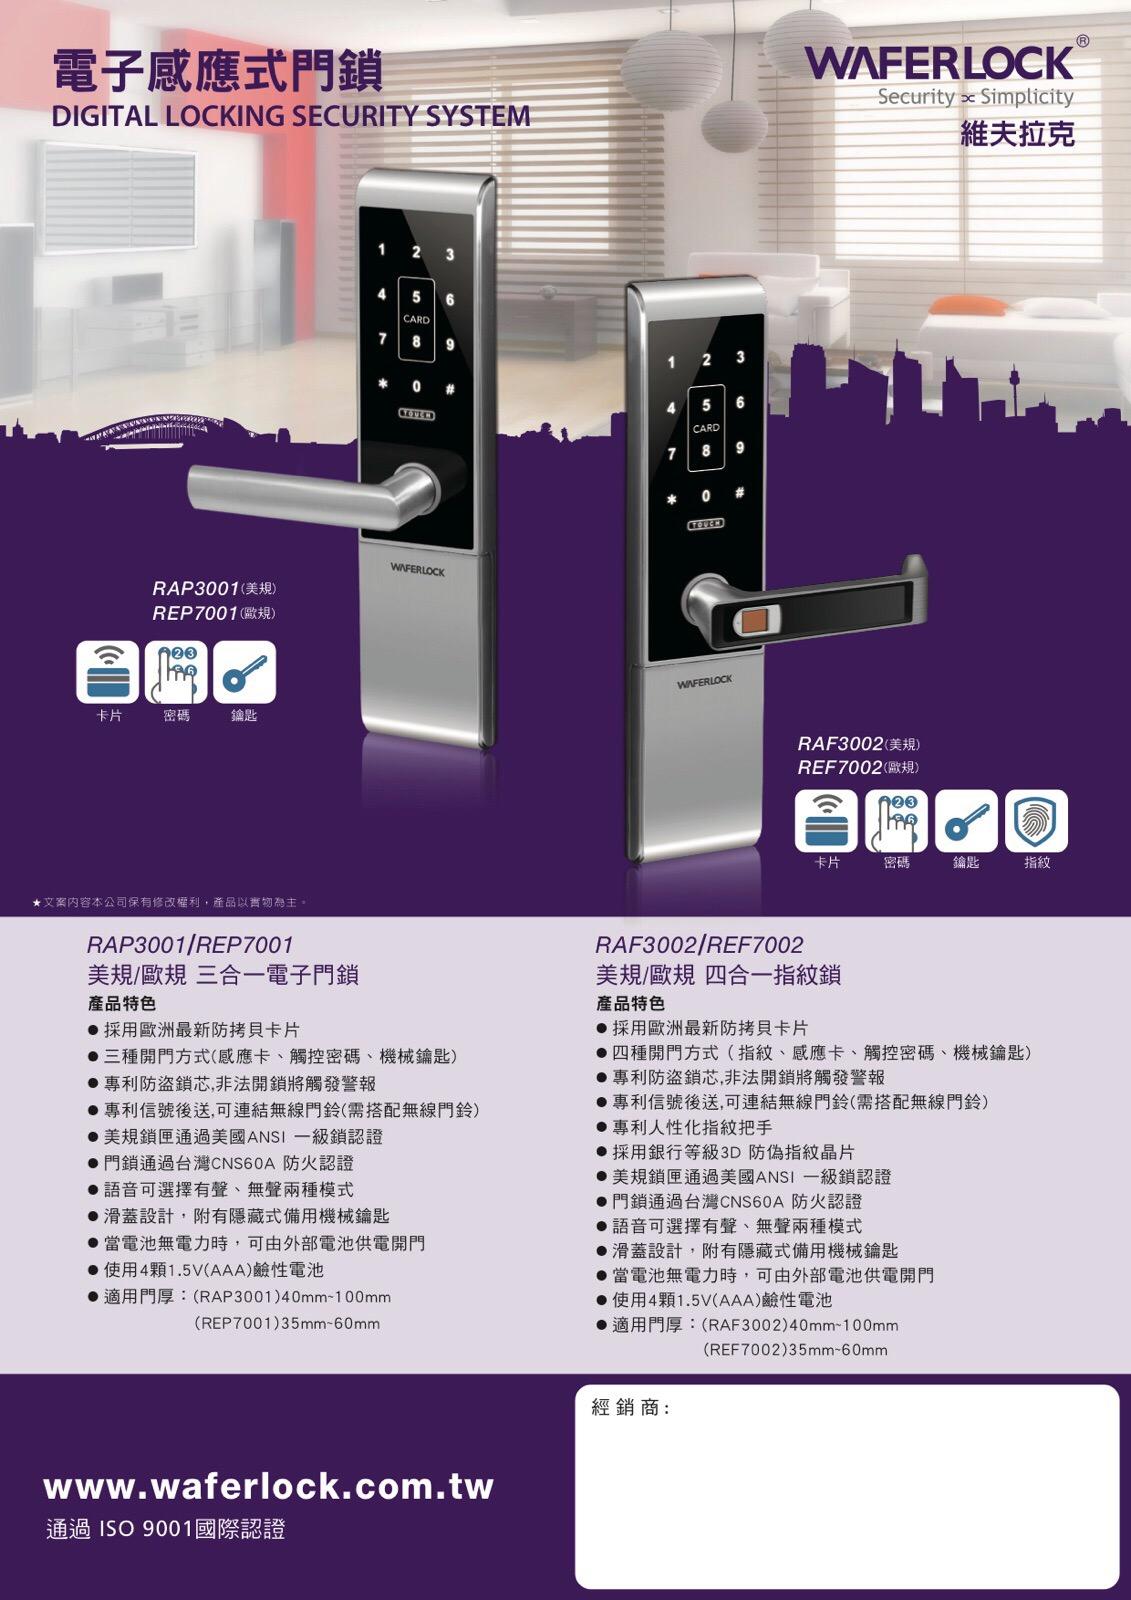 維夫拉克WEL-3900 感應卡/ 密碼/ 鑰匙/指紋/ 電子鎖